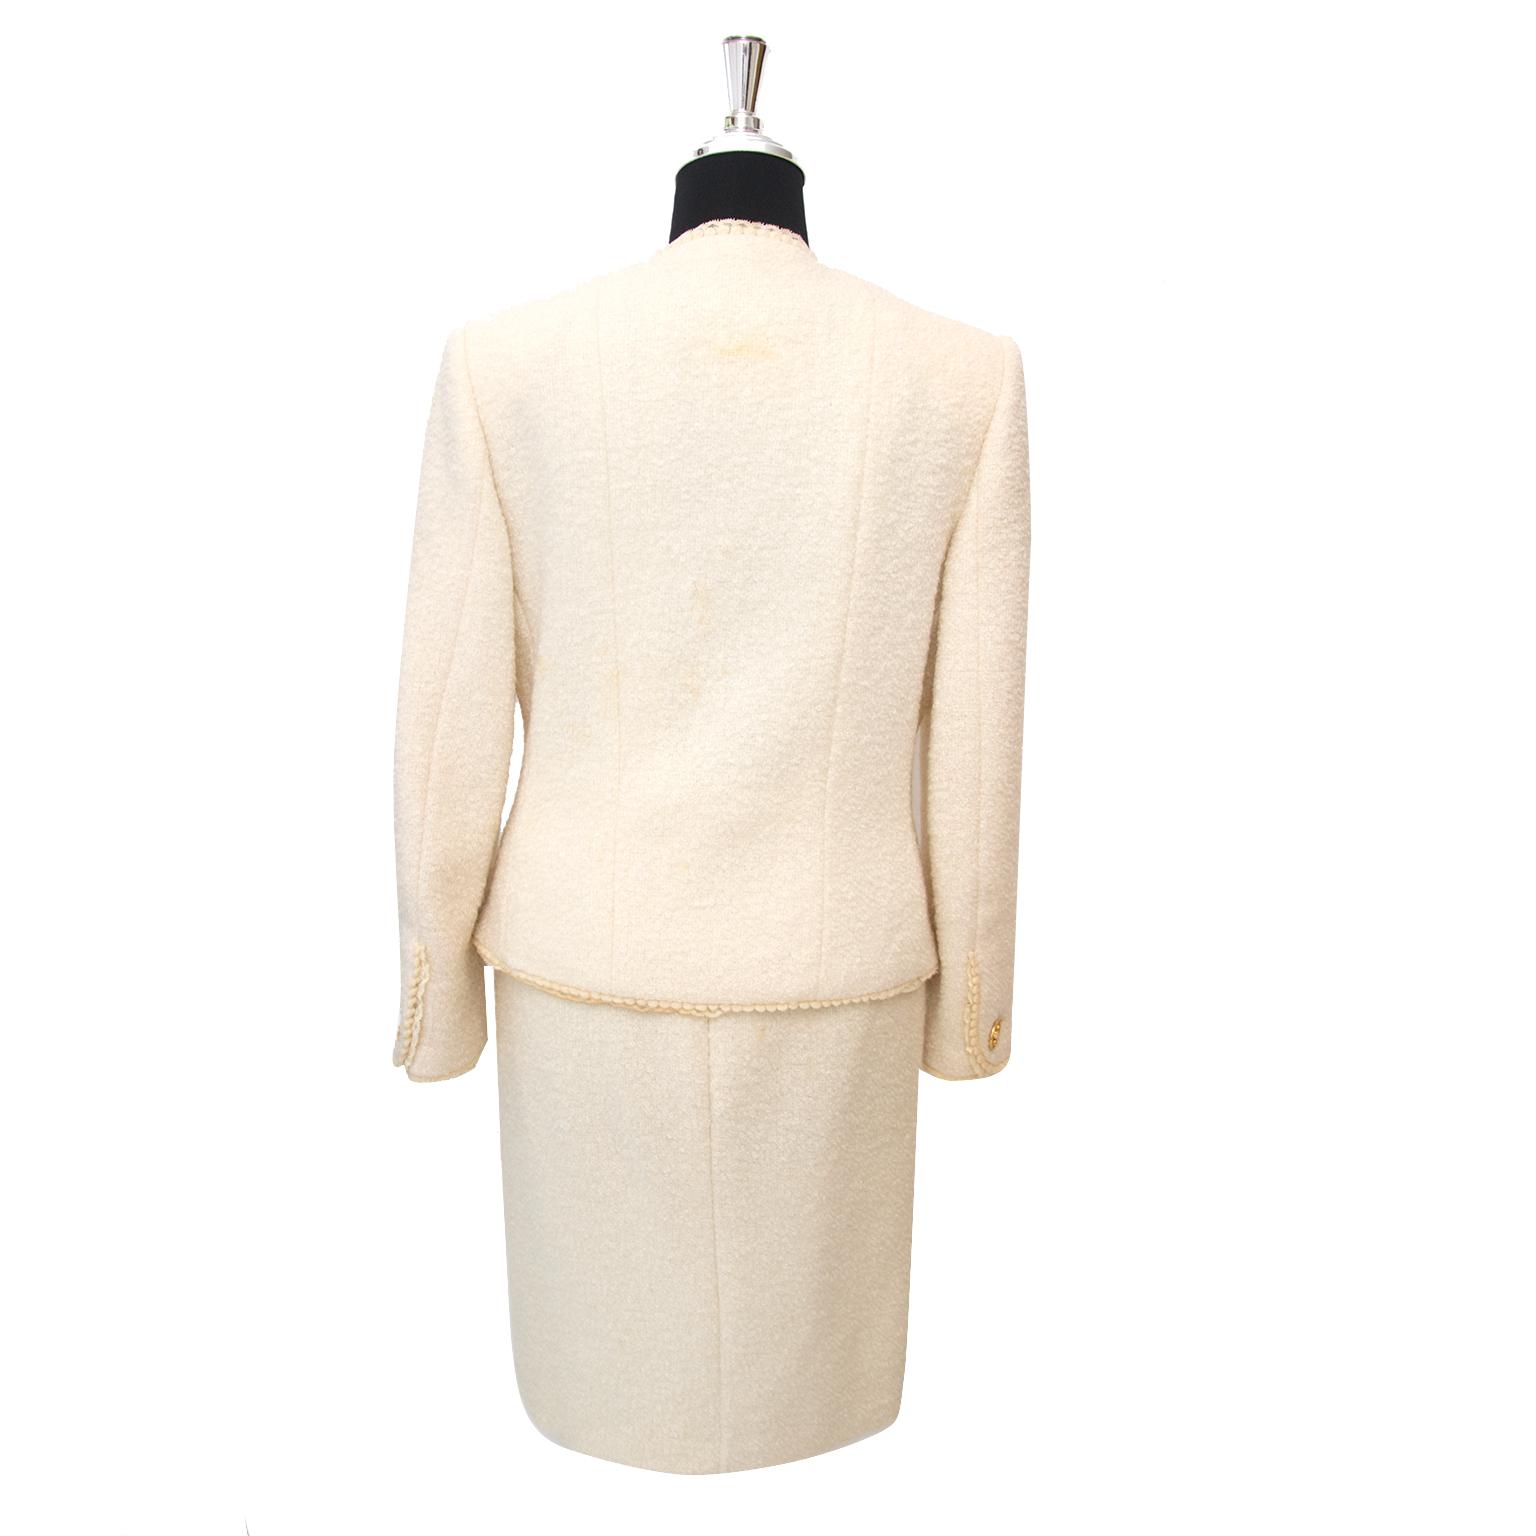 Looking for a Chanel Beige Bouclé Tailleur Set?